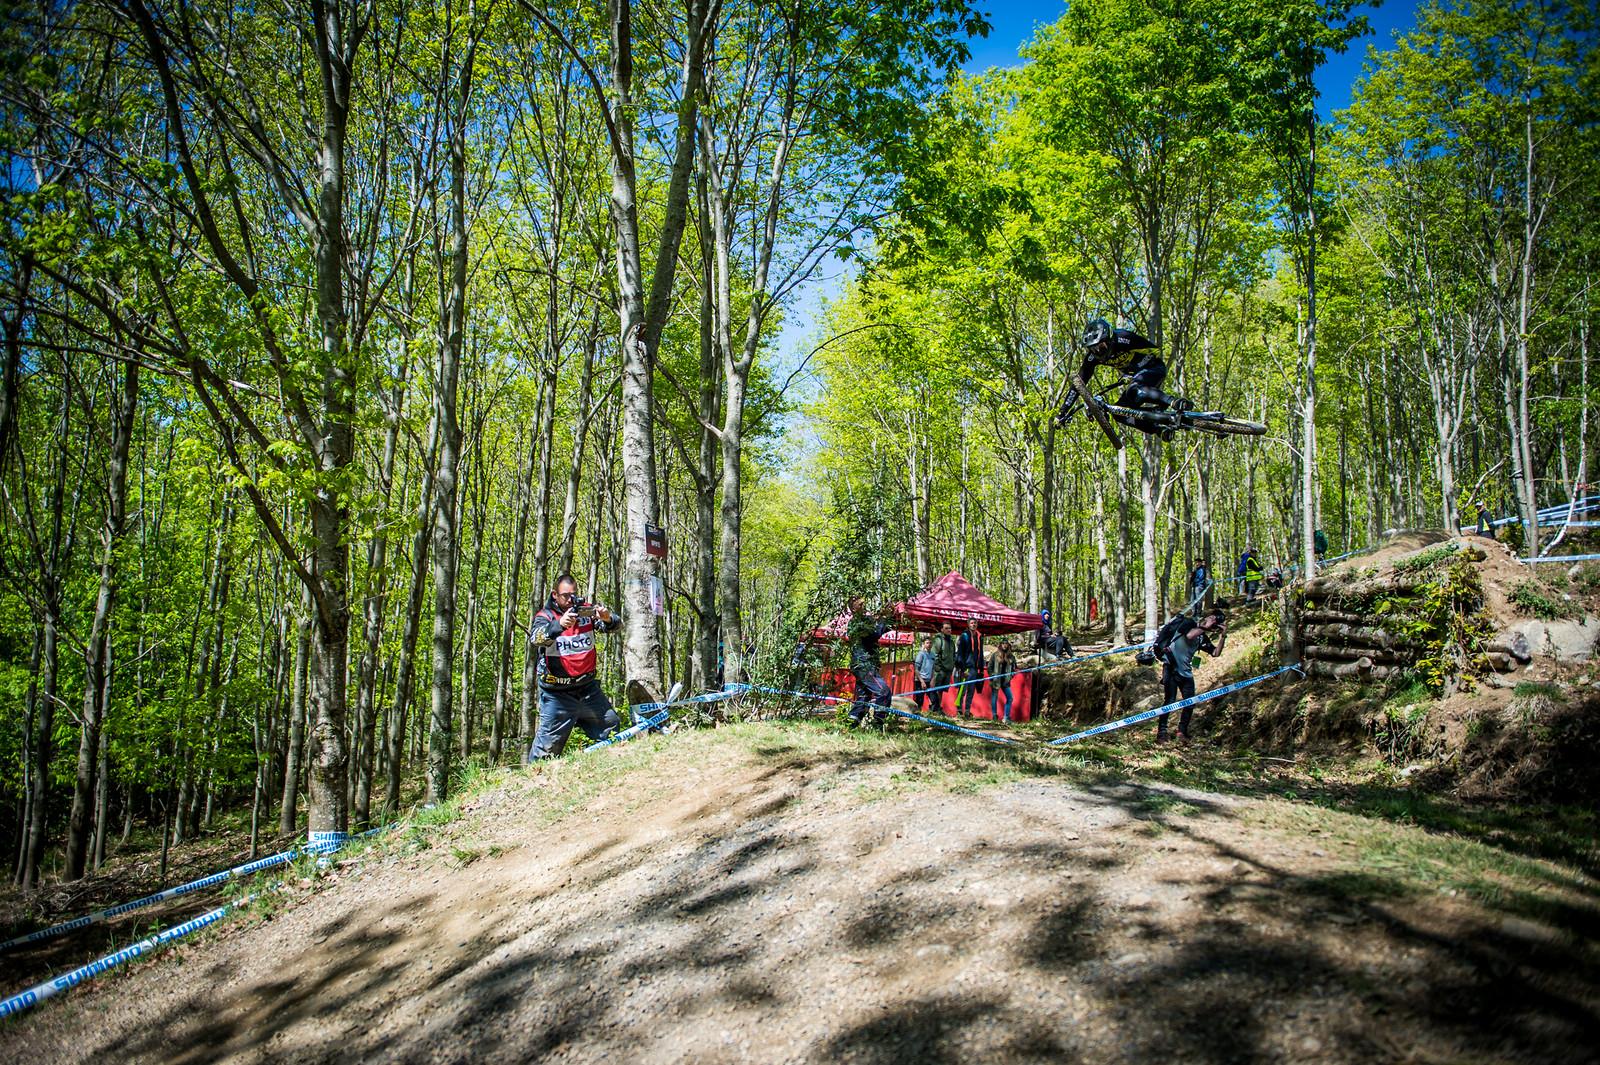 Remi Thirion - iceman2058 - Mountain Biking Pictures - Vital MTB